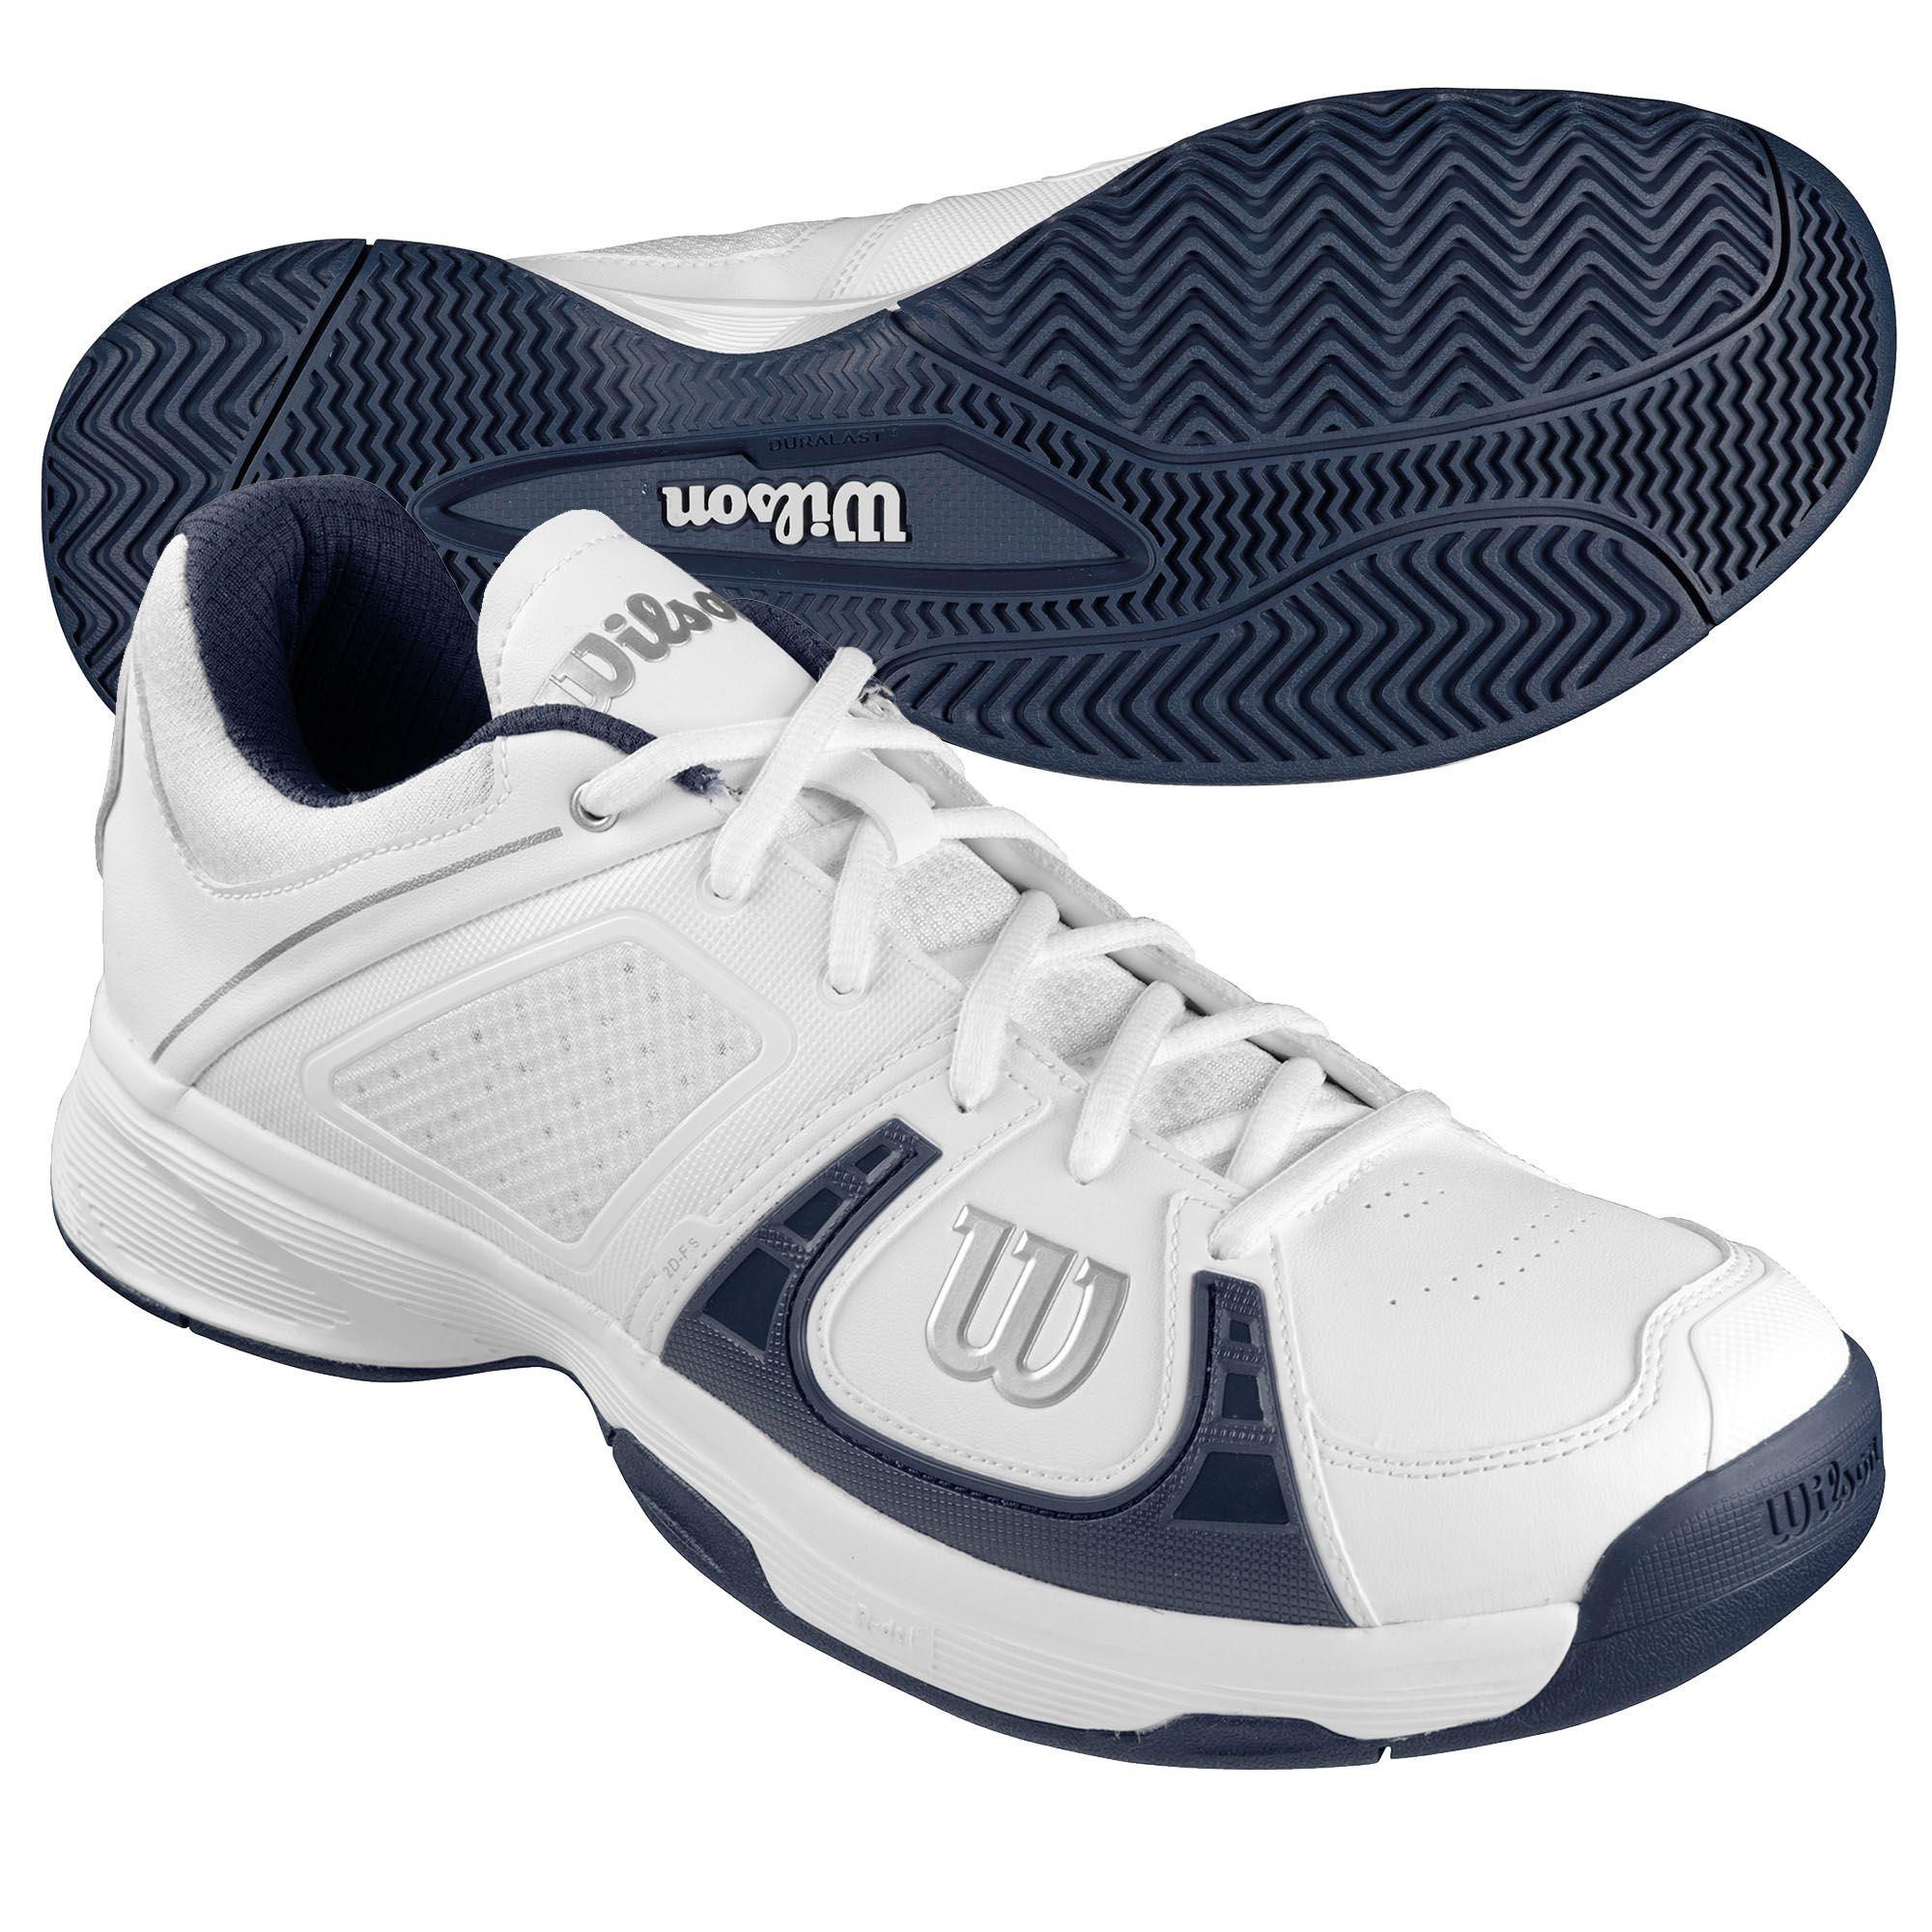 Wilson Men S Tennis Shoes